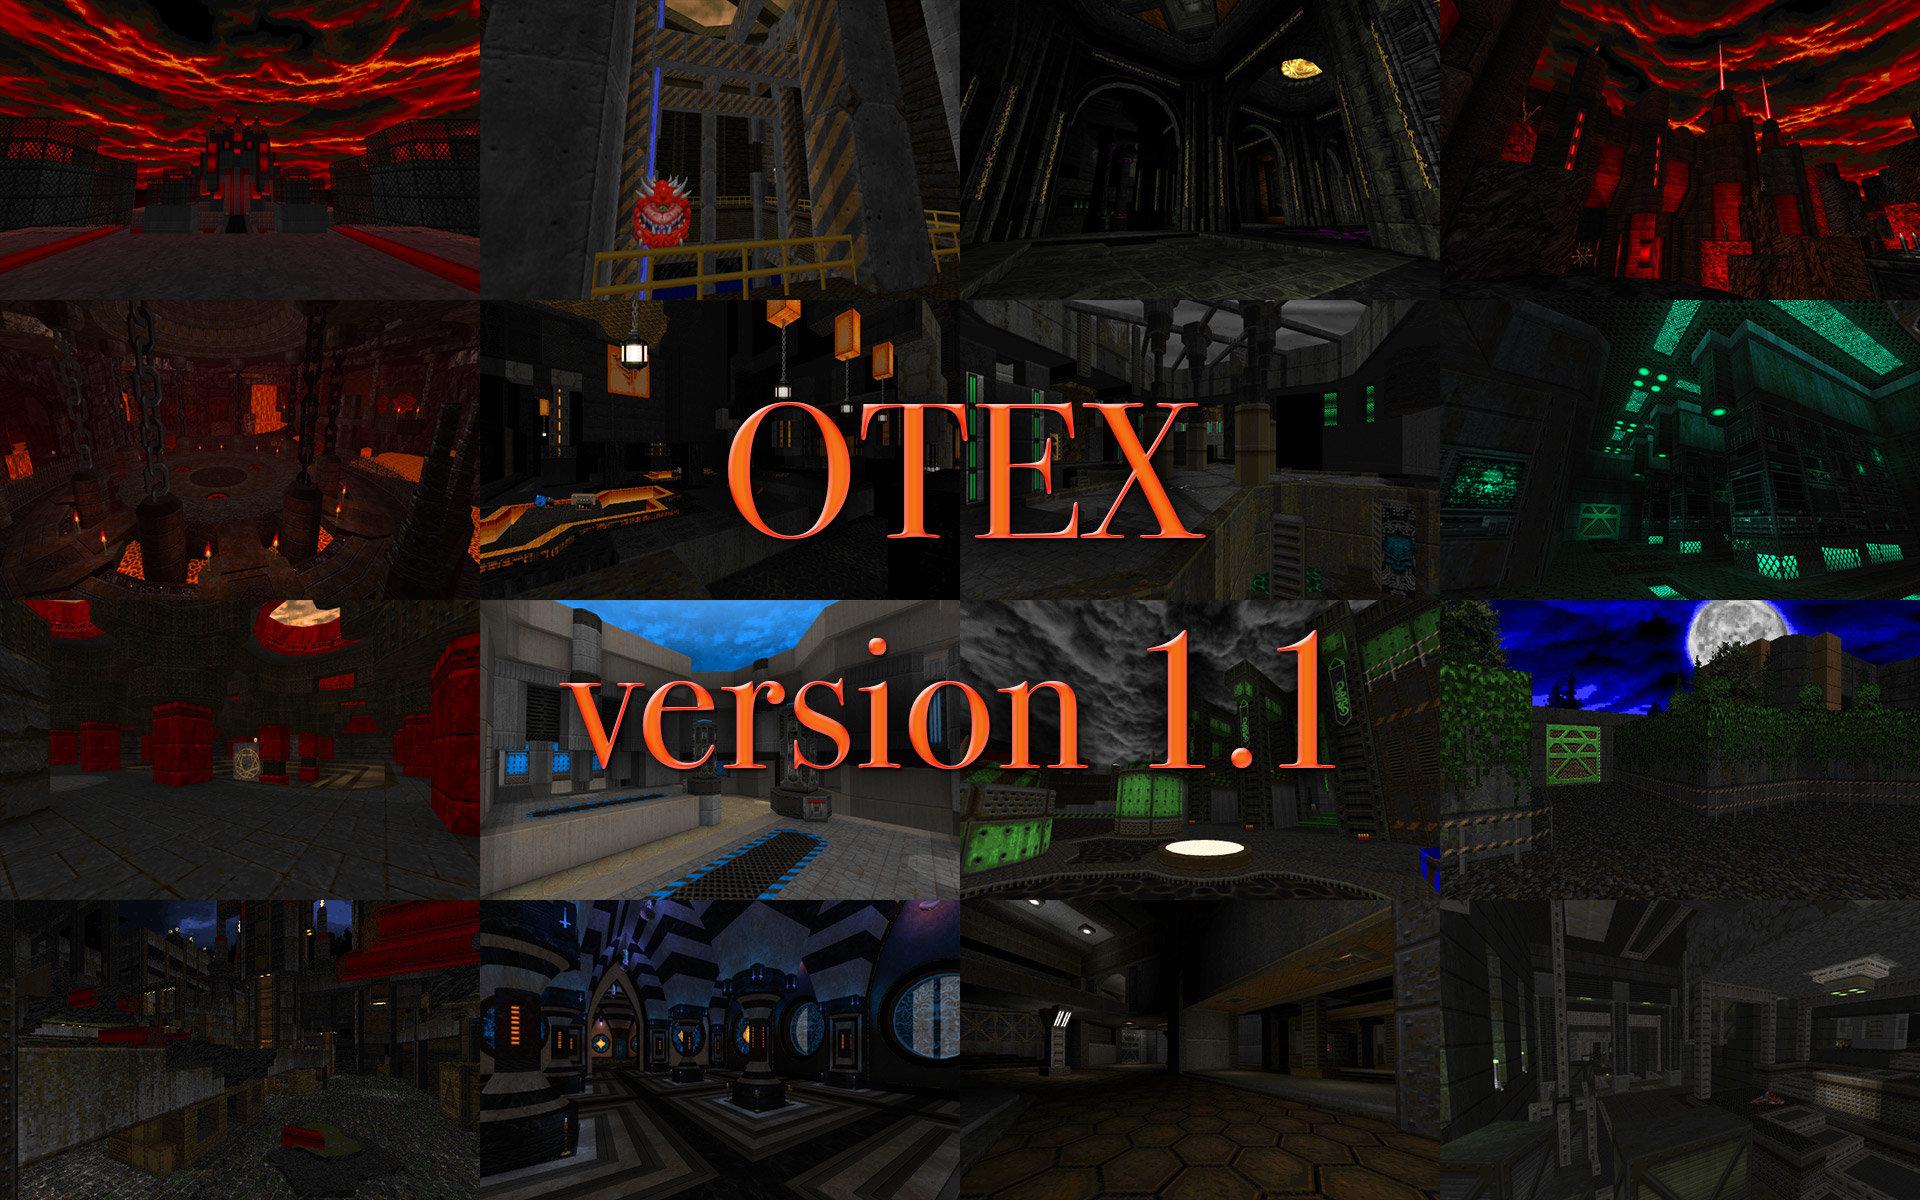 otex_1.1_releasepic.jpg.1d62793cf6257dfc8be08481ae99a607.jpg